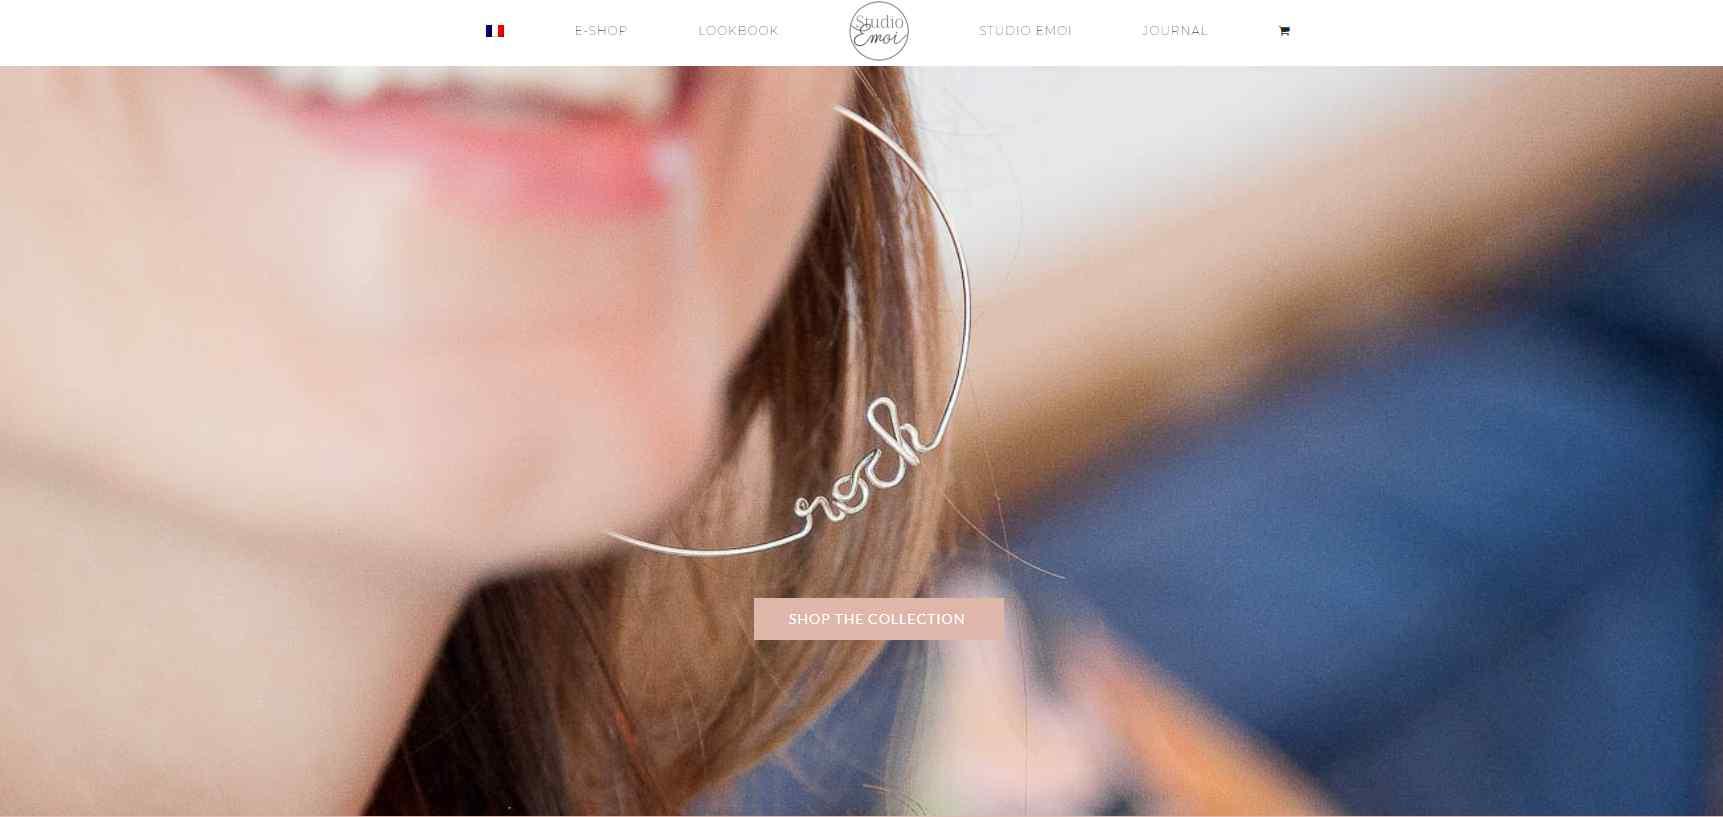 Studio Emoi Top Custom Necklace Stores in Singapore